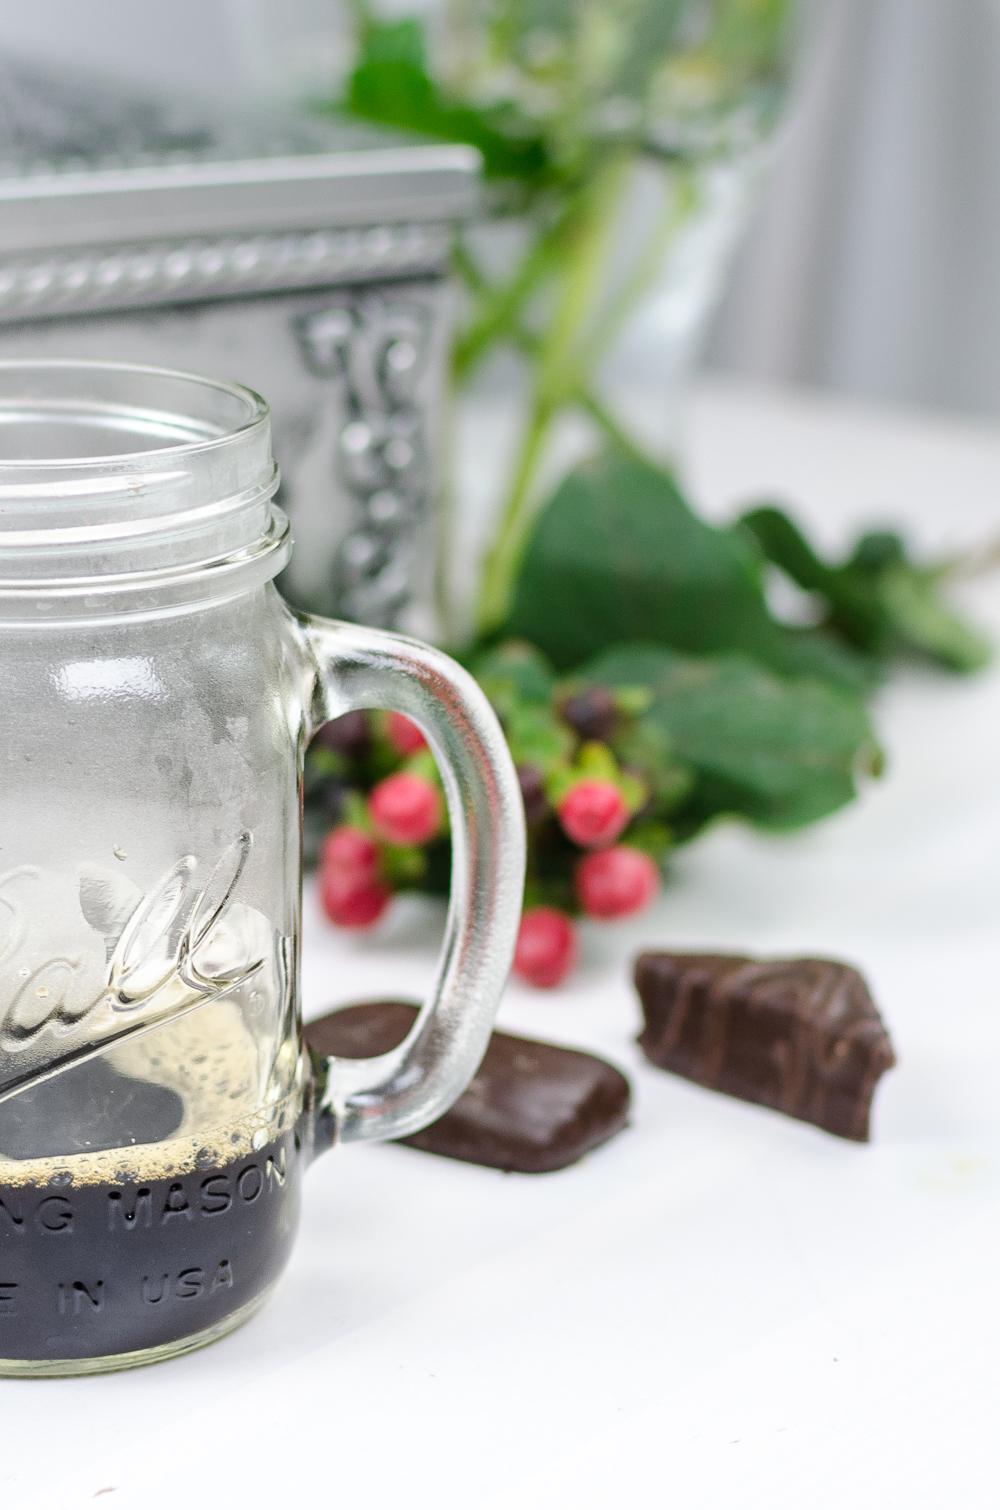 andysparkles-Lebkuchen Latte-Spezialitäten Haus-Lebkuchen-Aachener Schatzkiste